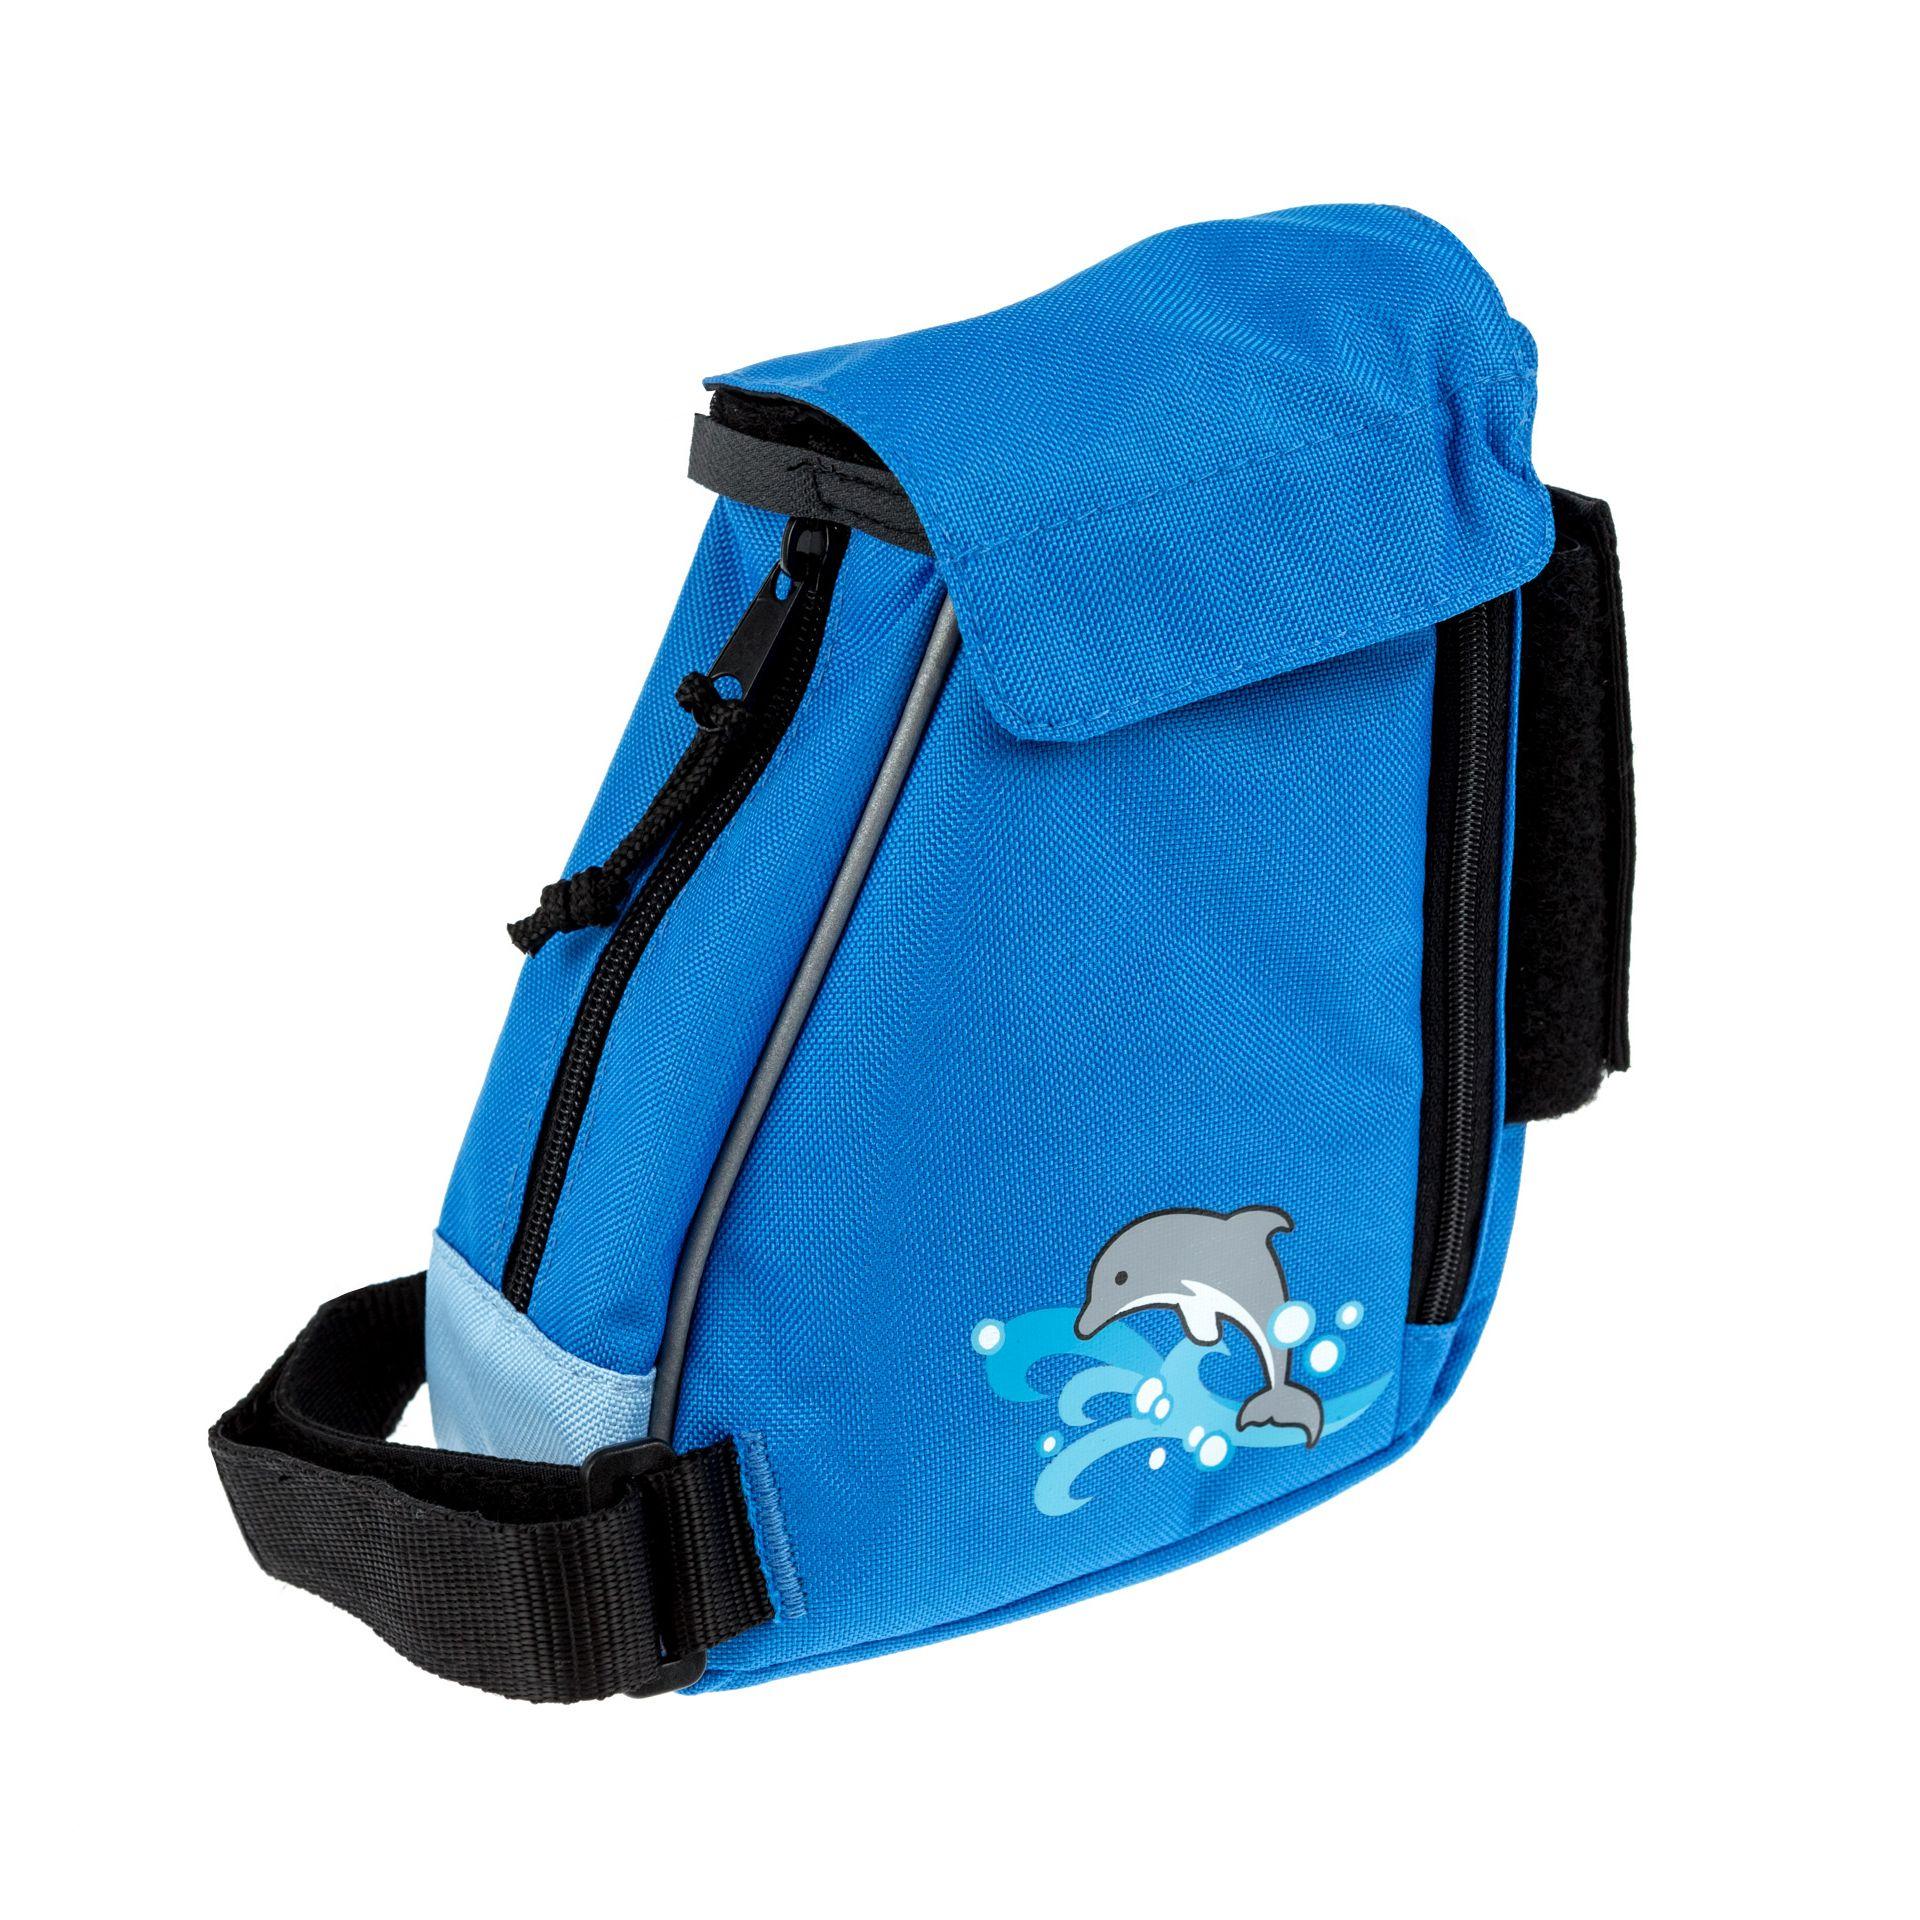 Sacoche draisienne Puky LRT Bleu/Bleu clair